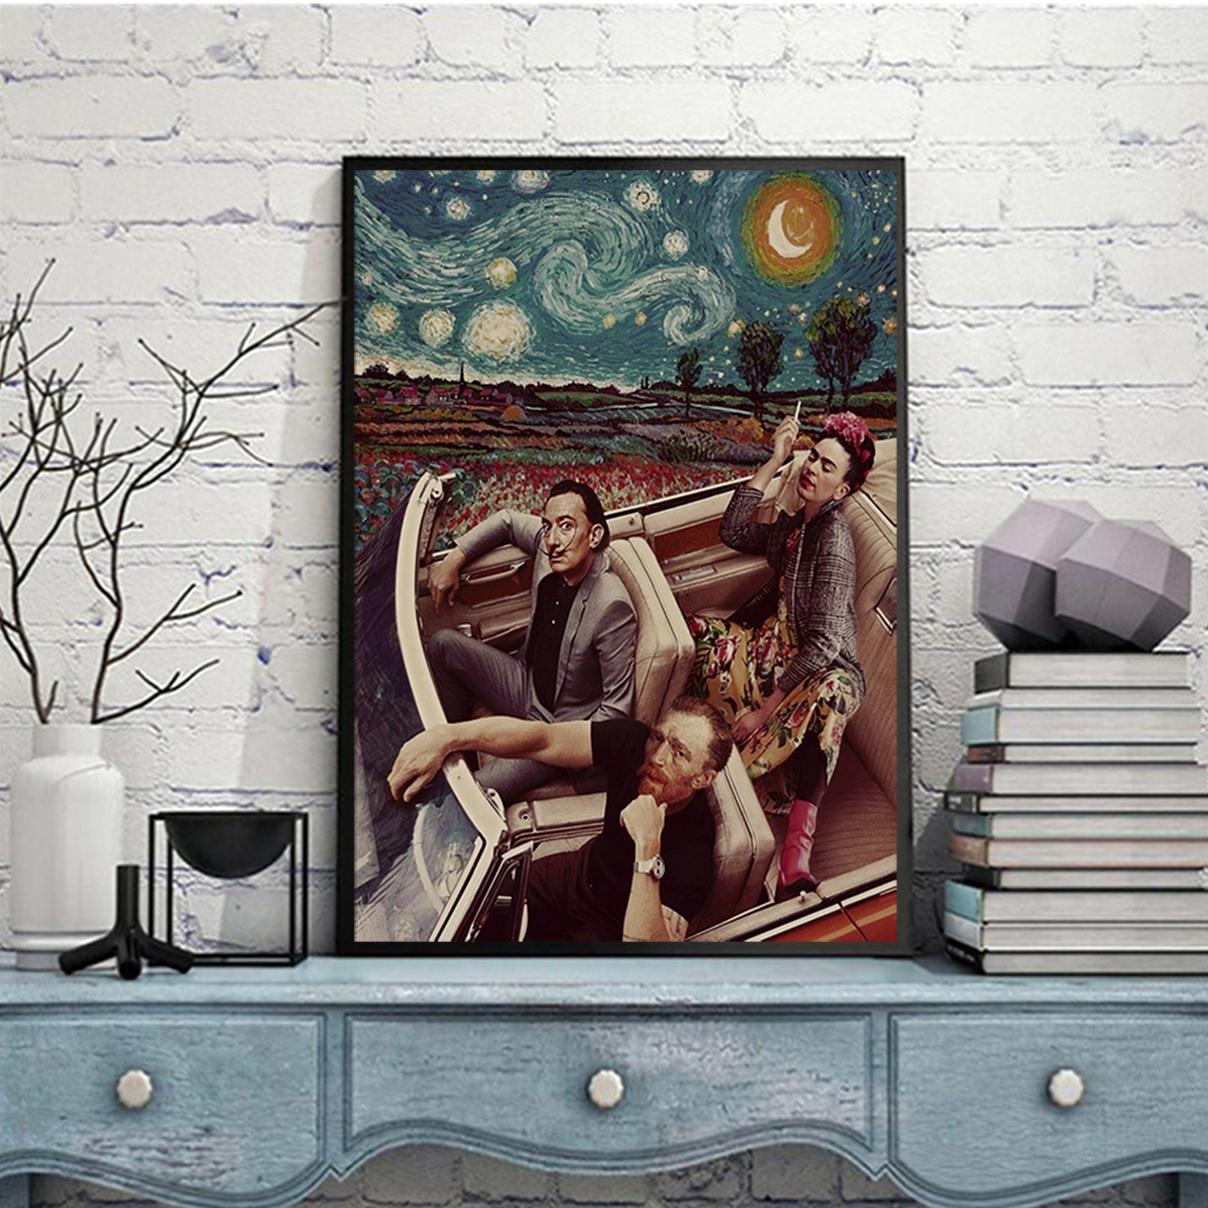 Frida kahlo salvador dali van gogh driving poster A1